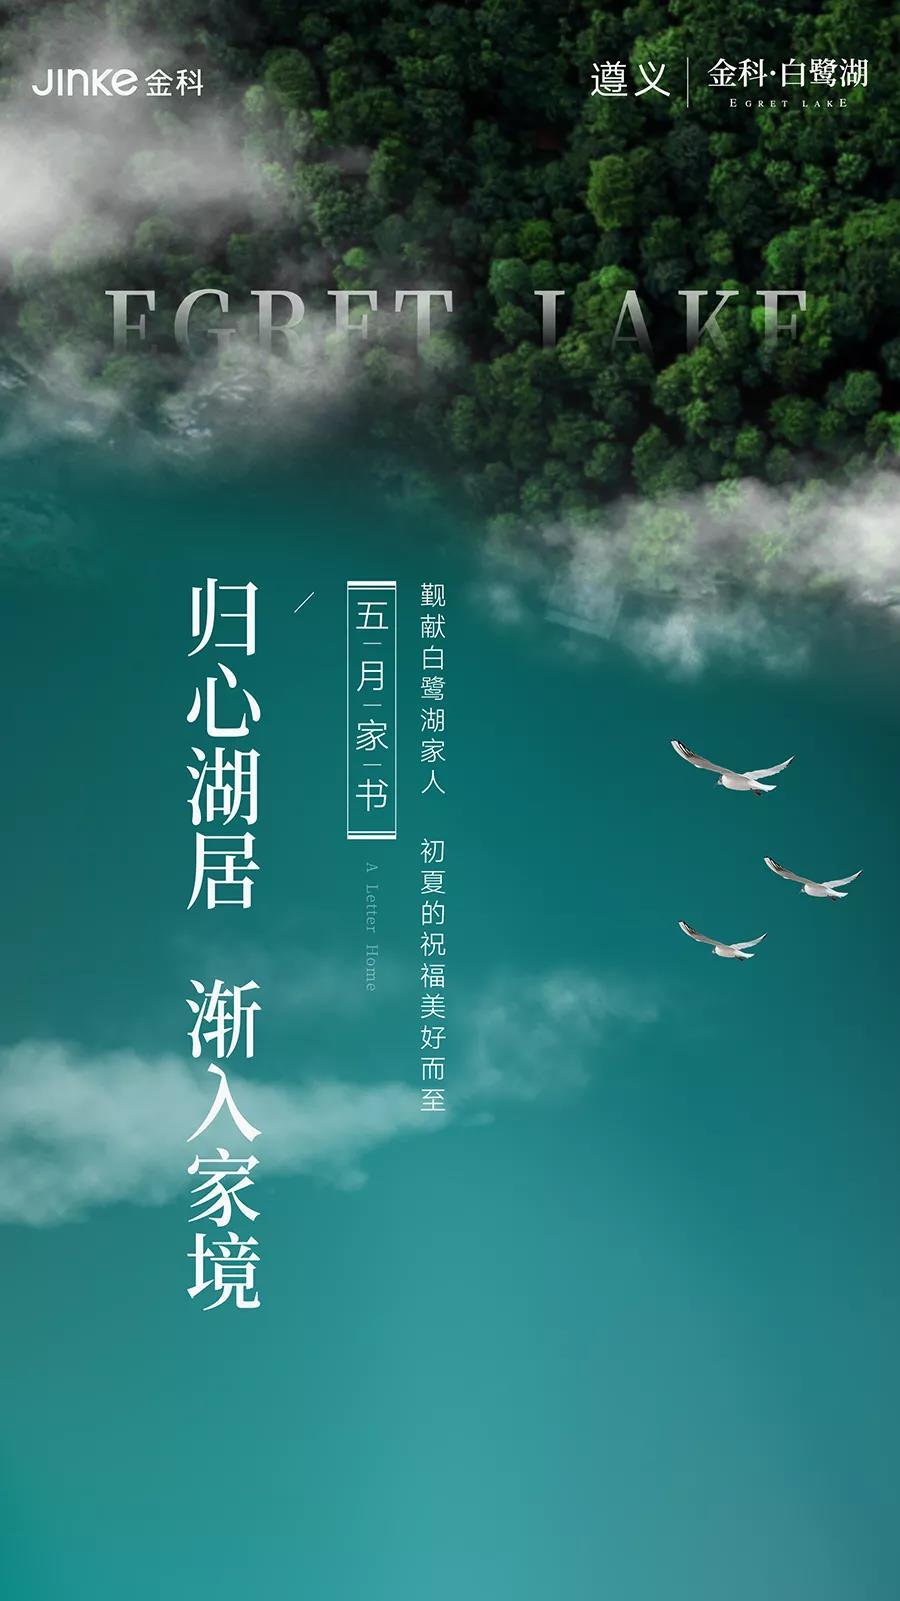 遵义金科·白鹭湖5月家书 归心湖居 渐入家境-中国网地产